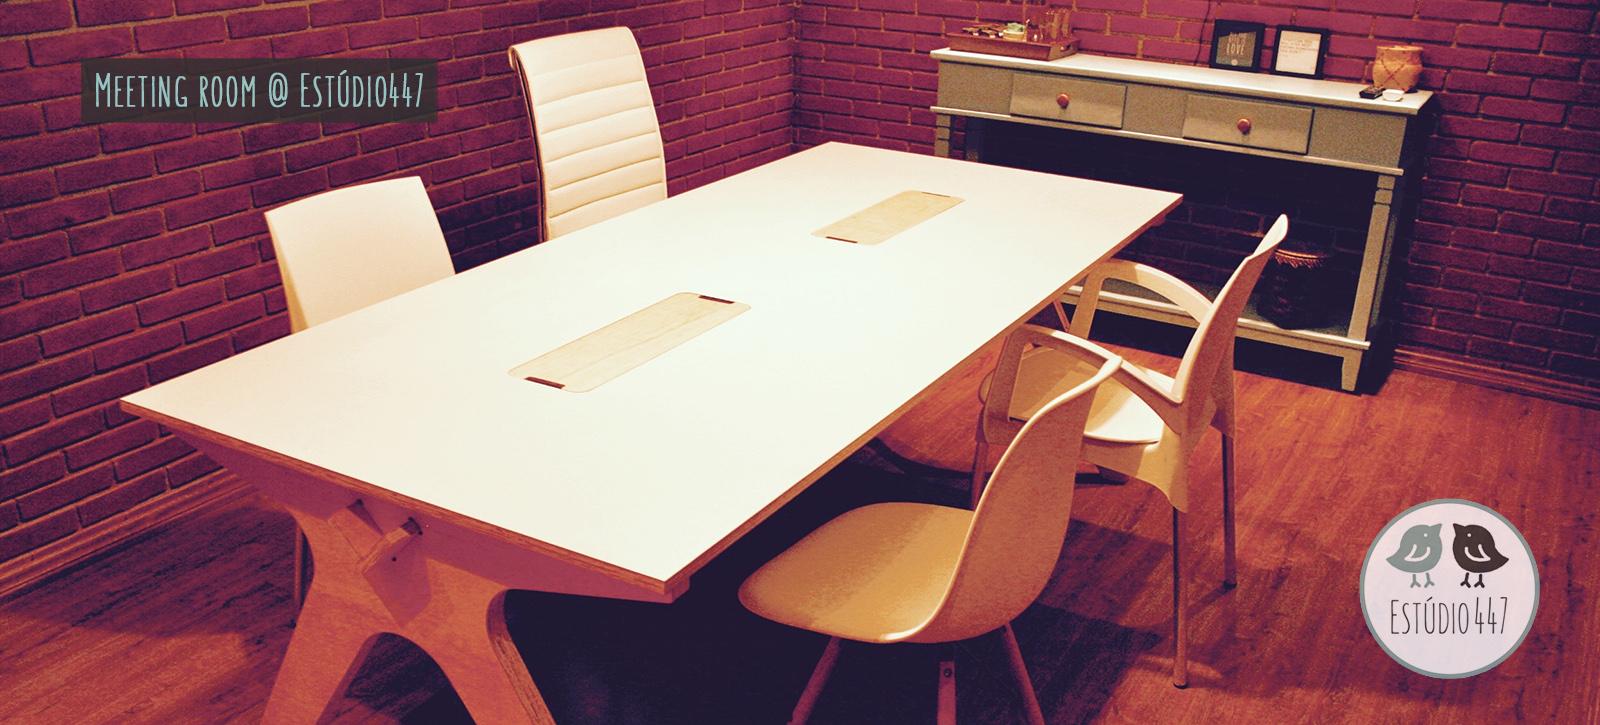 Estúdio447 Coworking Moema - Sala de reunião